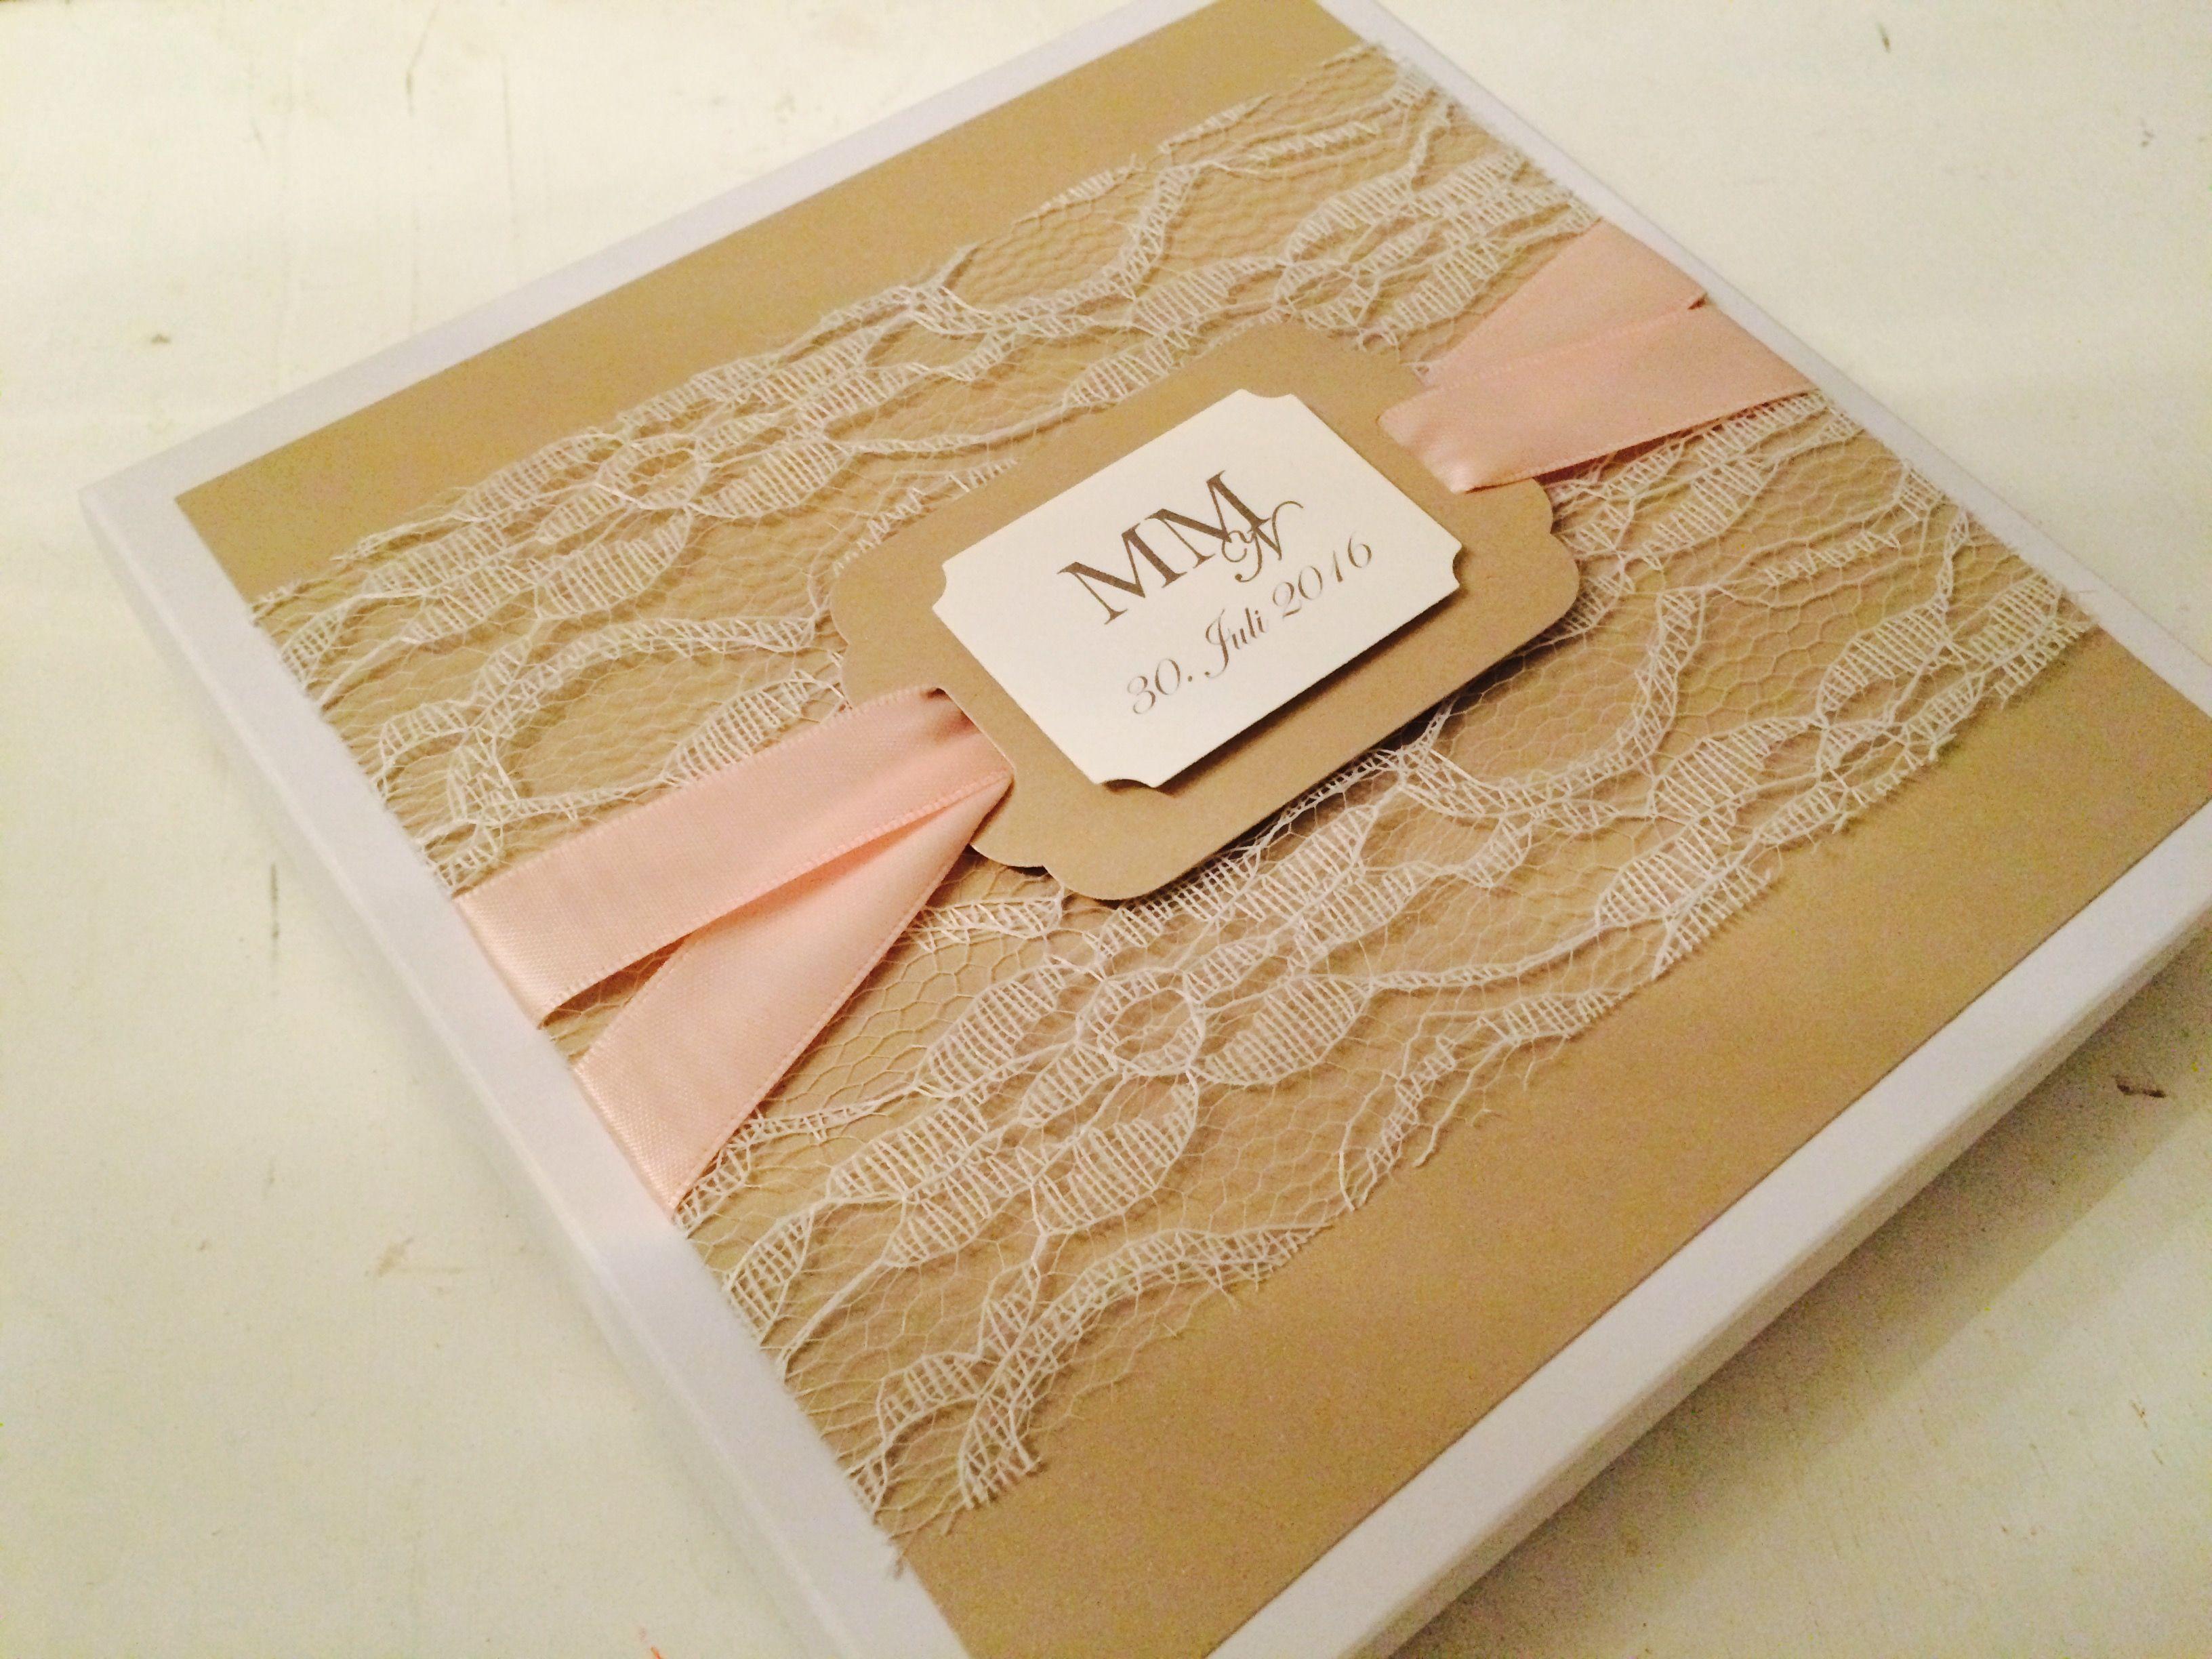 Handgertigte Einladung Zur Hochzeit, Einladung In Einer Edlen Schachtel,  Spitze, Glanzpapier, Monogramm